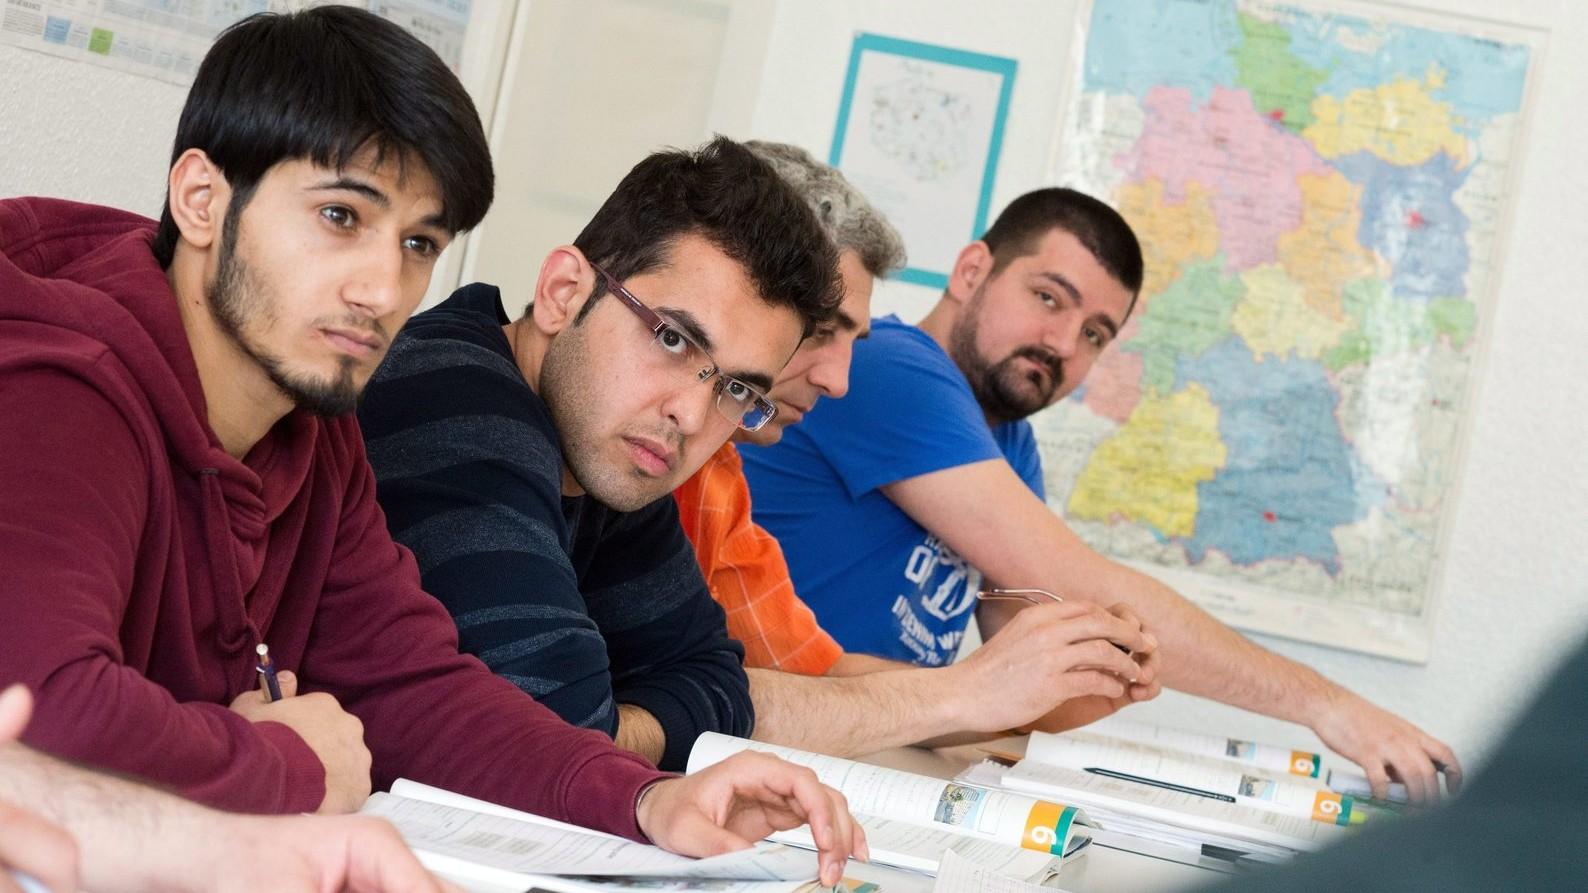 Németországban menedékjogot kapott szíriaiak német nyelvtanfolyamon vesznek részt egy hannoveri nyelviskolában – képünk illusztráció (Fotó: MTI/EPA/Julian Stratenschulte)